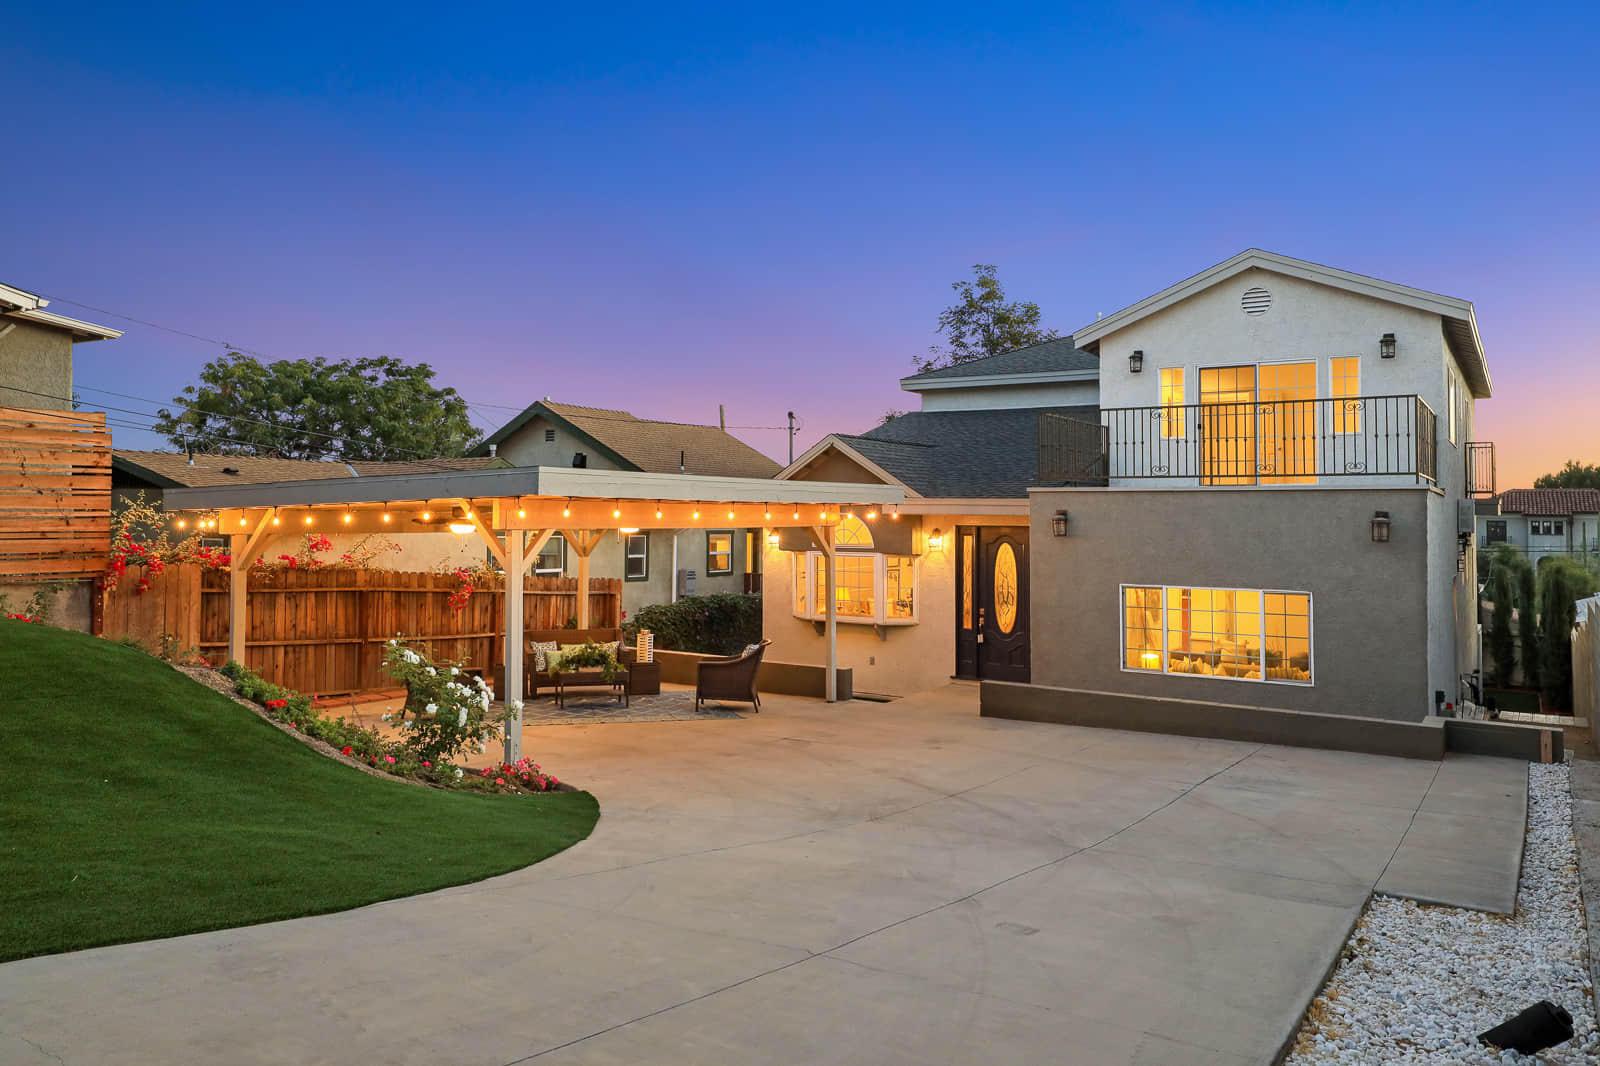 2506 Berkeley Avenue, Los Angeles, California 90026, 4 Bedrooms Bedrooms, ,5 BathroomsBathrooms,Single Family,For Sale,2506 Berkeley Avenue,2,21003156